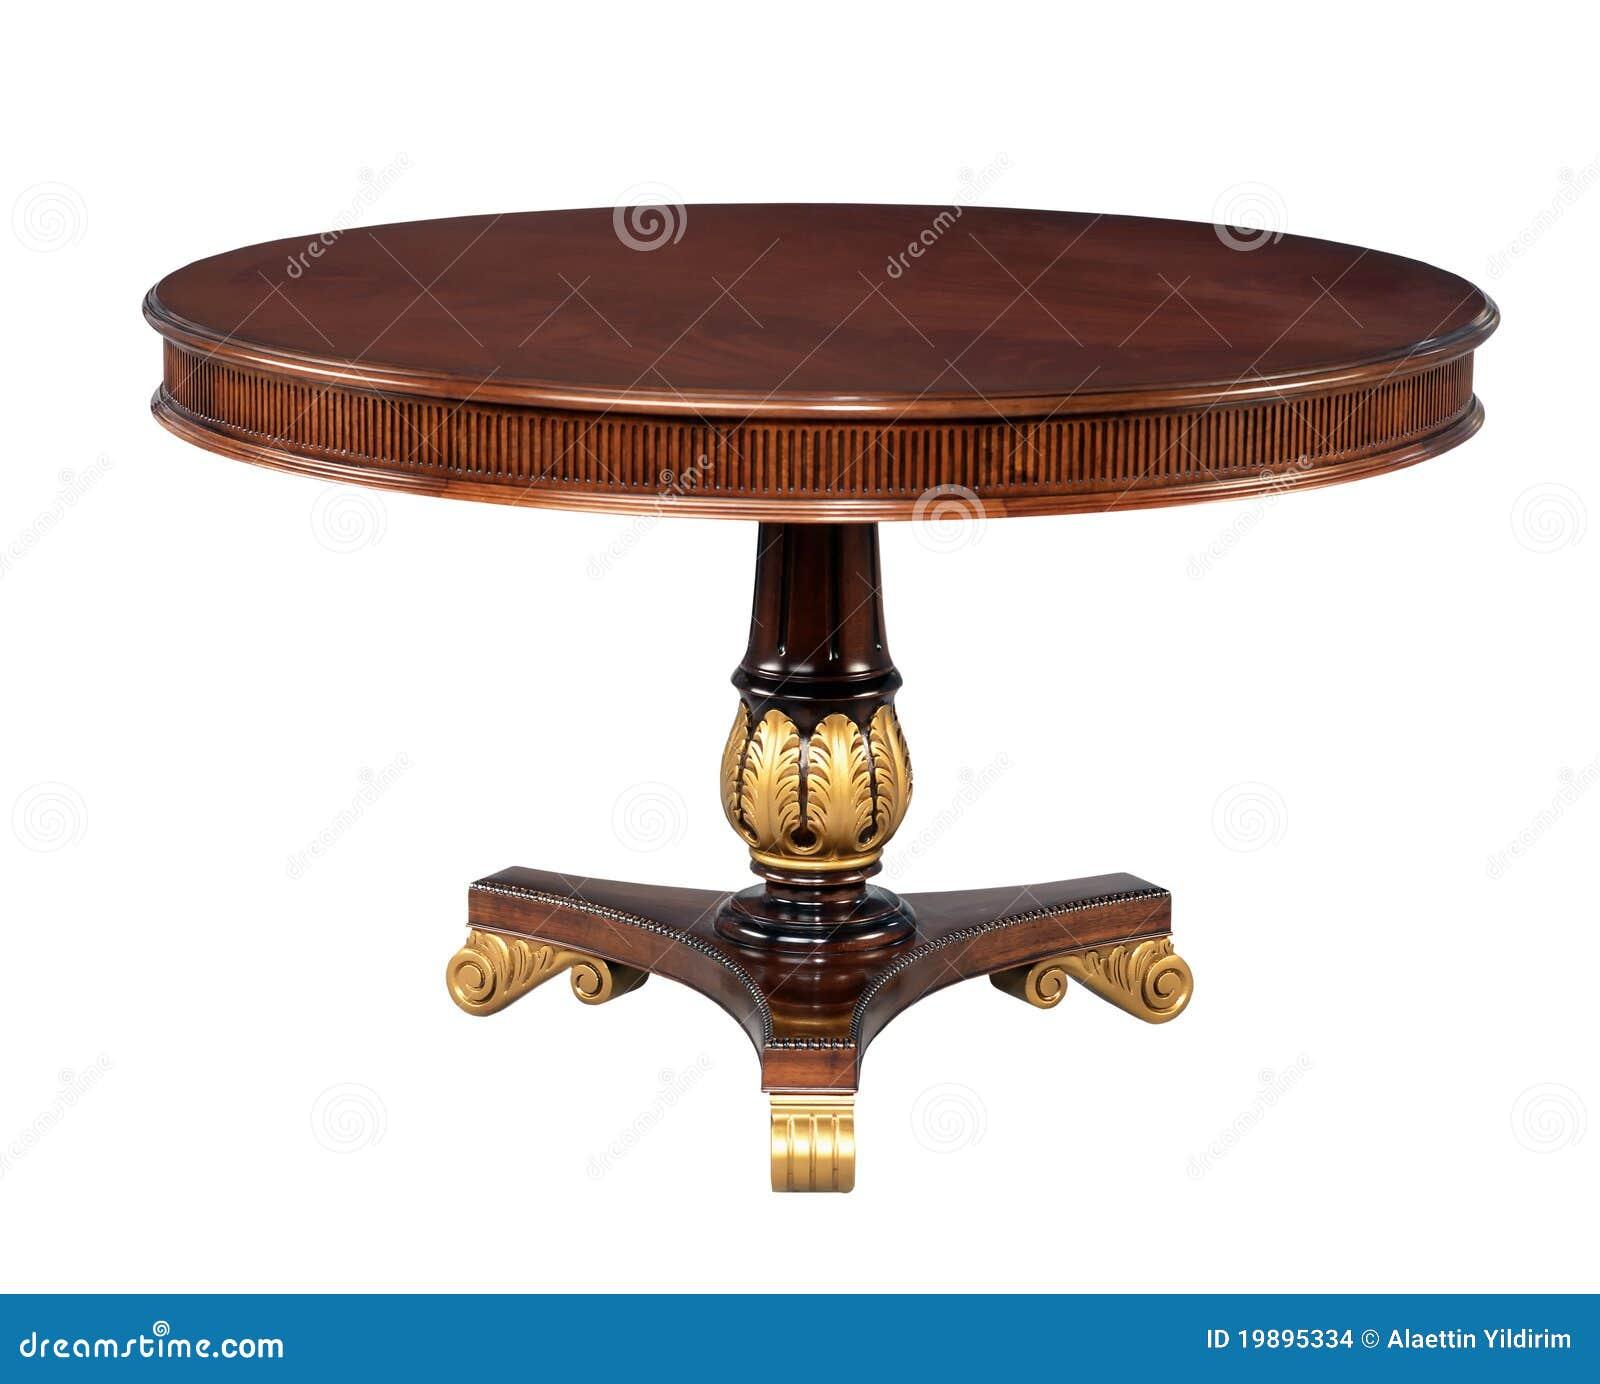 Mesa redonda de madeira antiga foto de stock imagem for Imagenes de piletas redondas